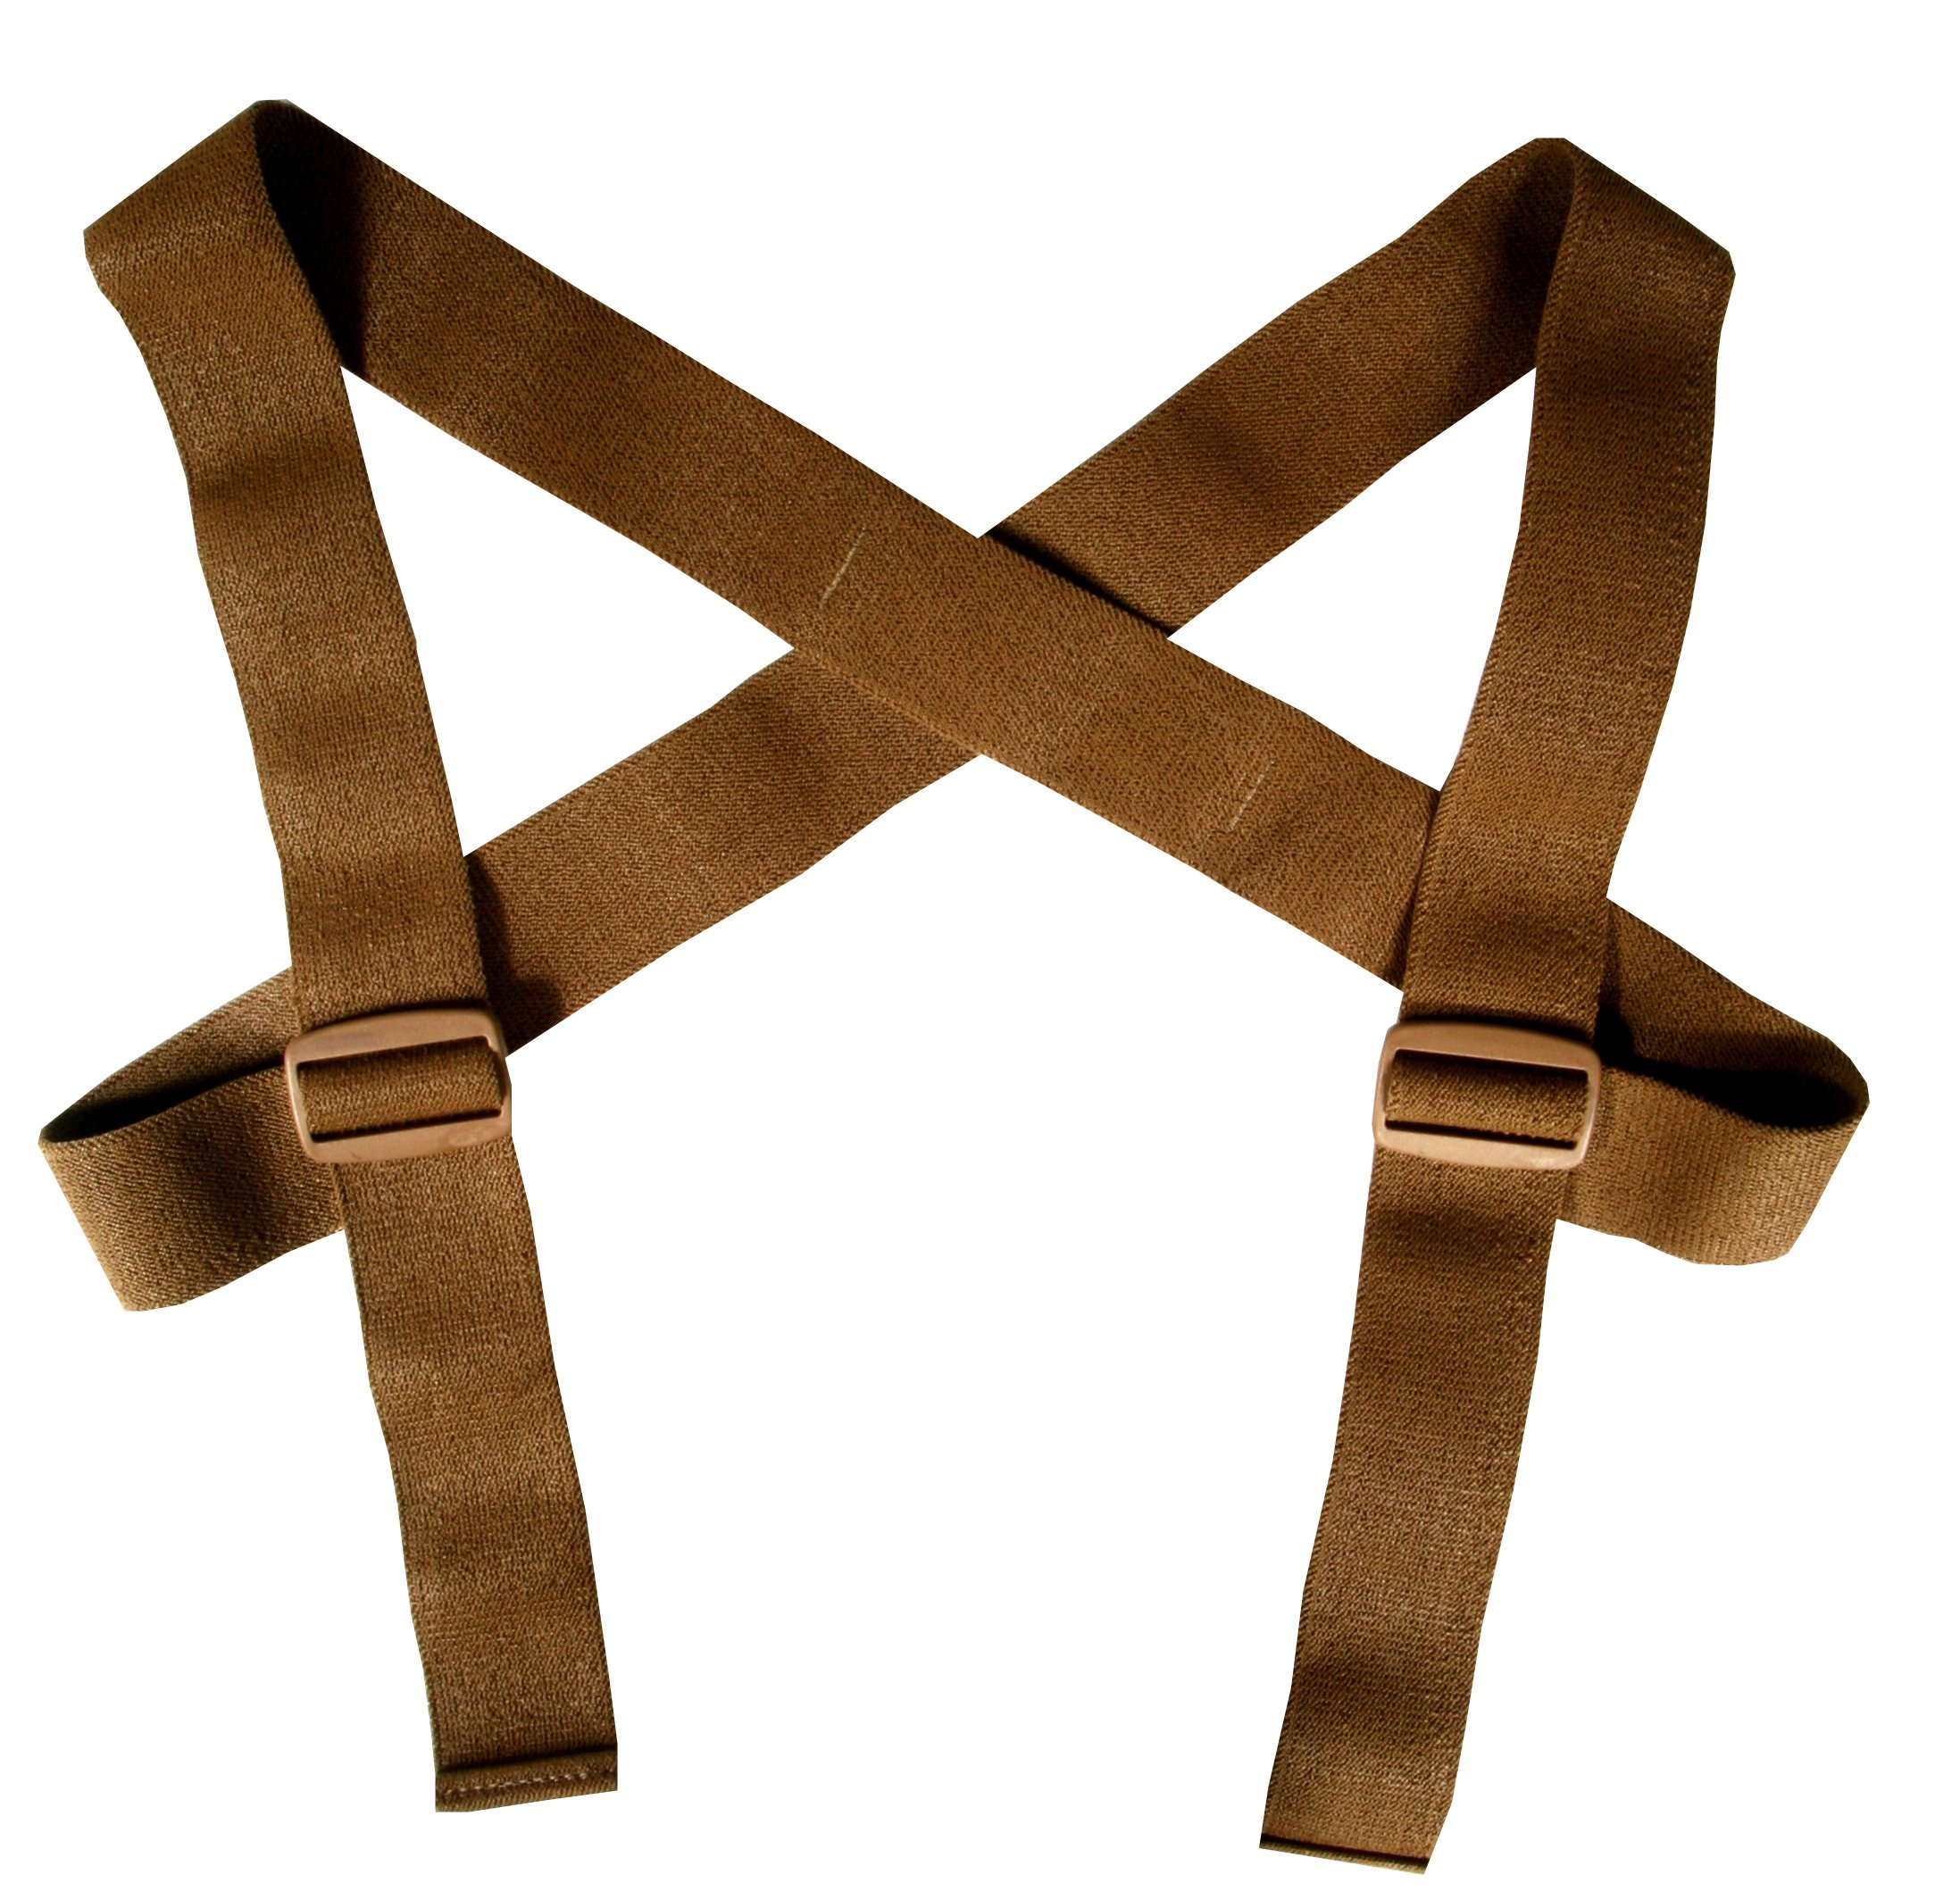 Spec.-Ops. Brand Combat Suspenders Coyote Brown